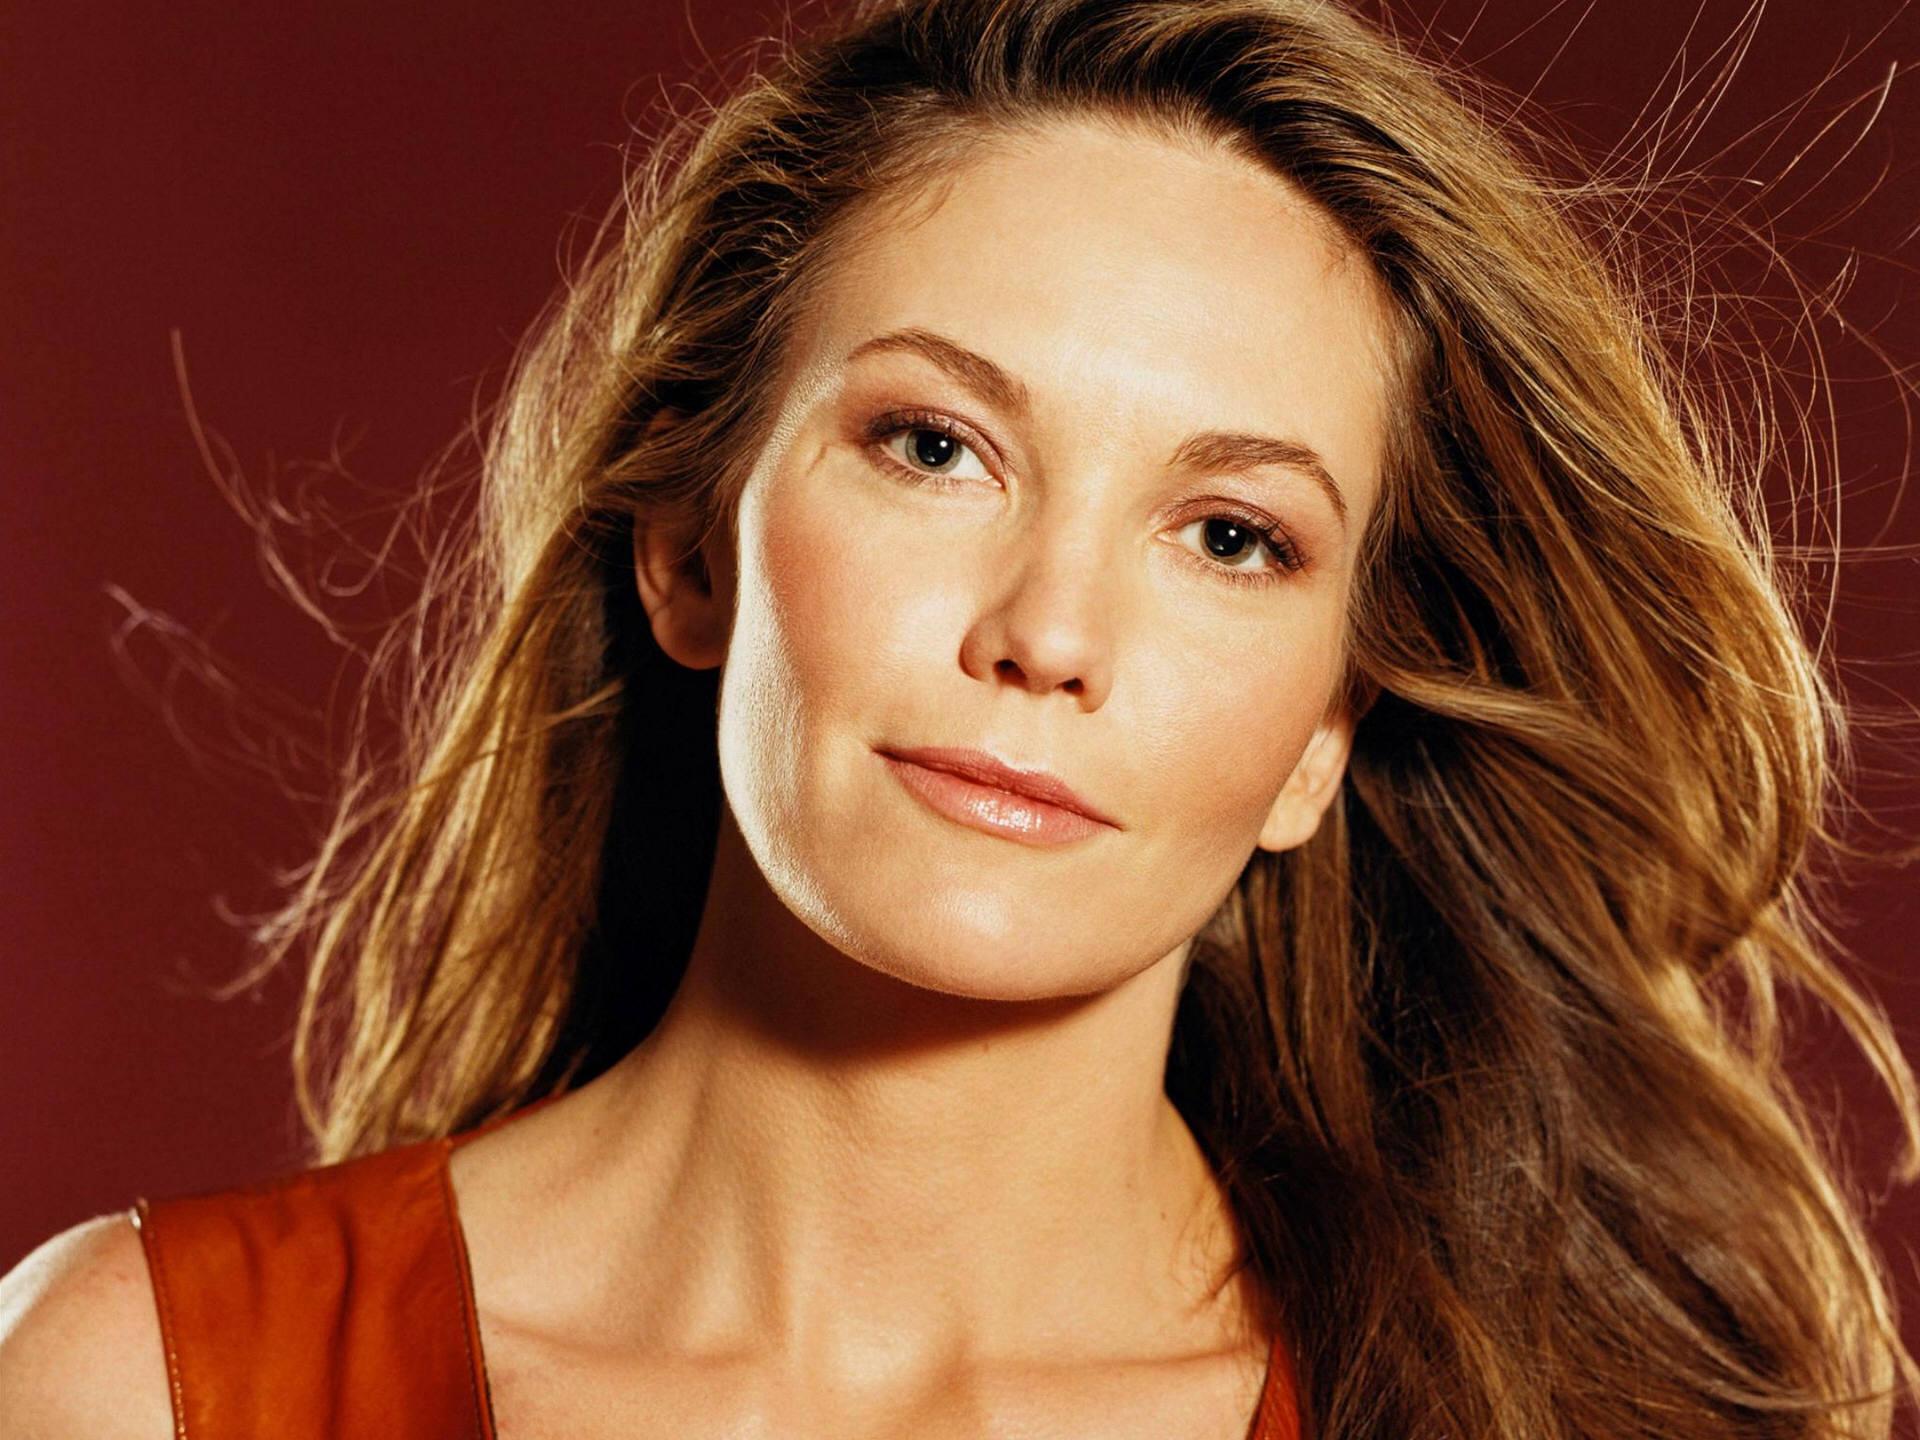 diane lane actress wallpaper 58171